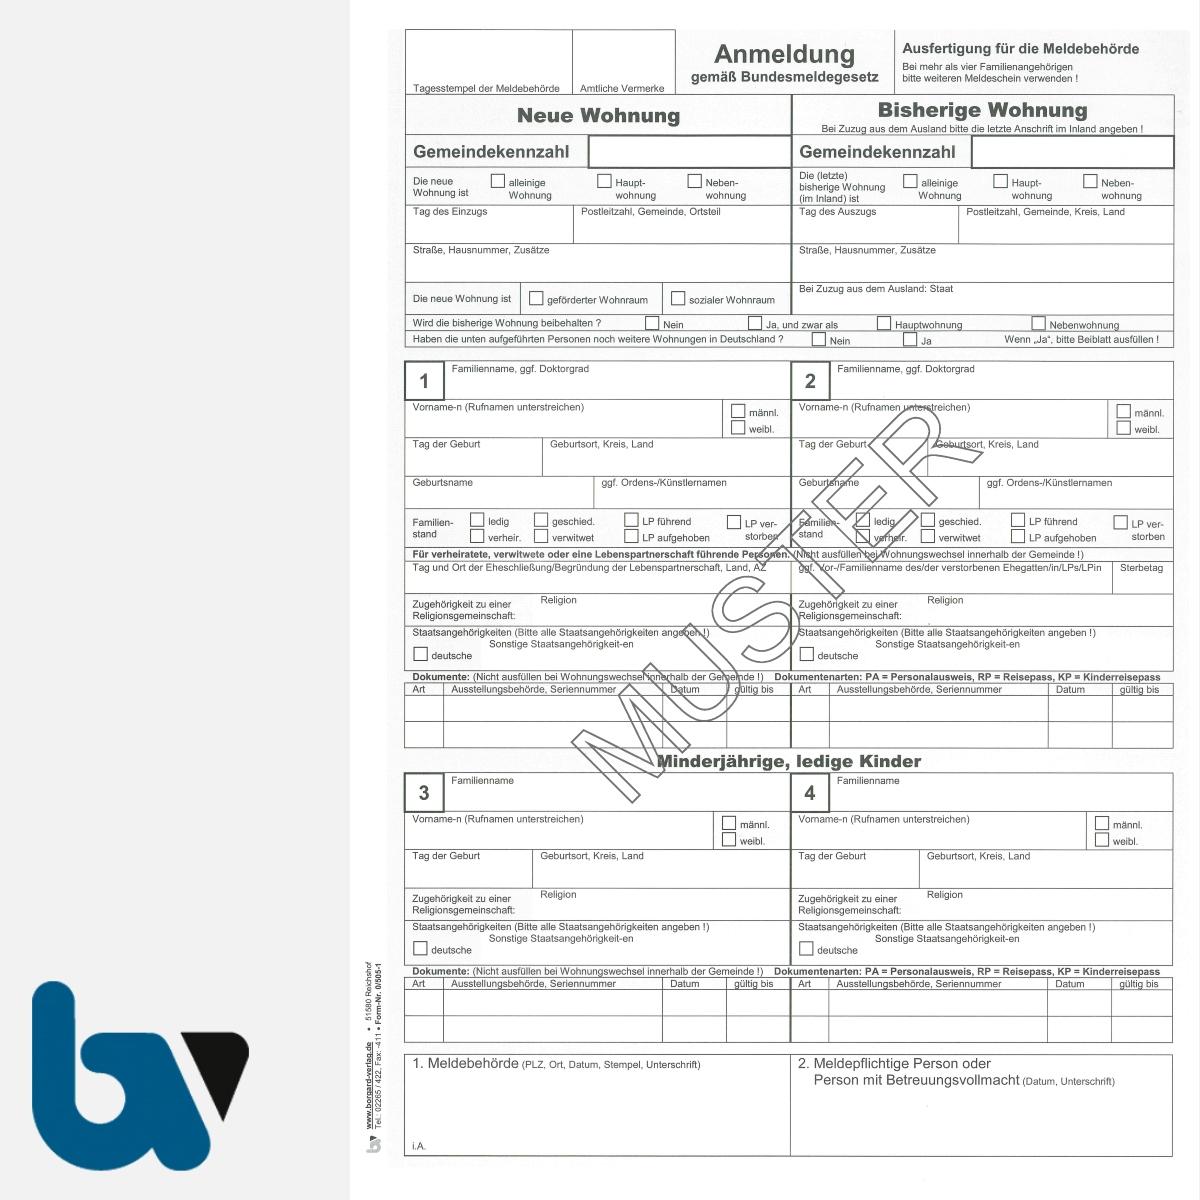 0/505-1 Anmeldung Meldeschein Bestätigung Meldebehörde Bundesmeldegesetz Hinweispflichten 2-fach selbstdurchschreibend DIN A4 Seite 1 | Borgard Verlag GmbH